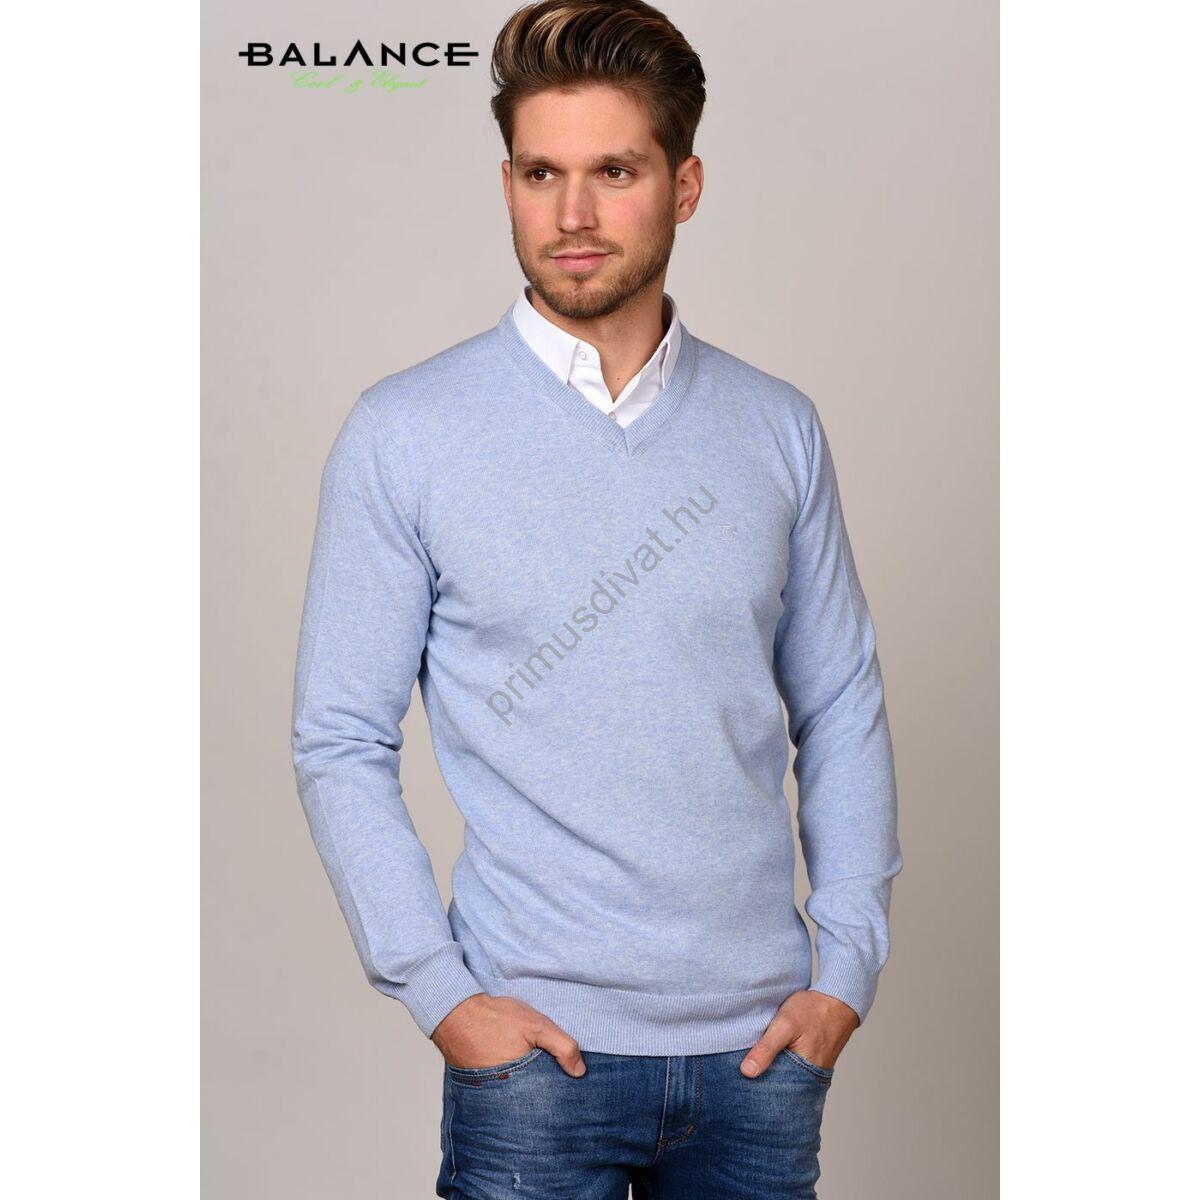 Balance vékony kötött V-nyakú pamut pulóver, vízkék-melange